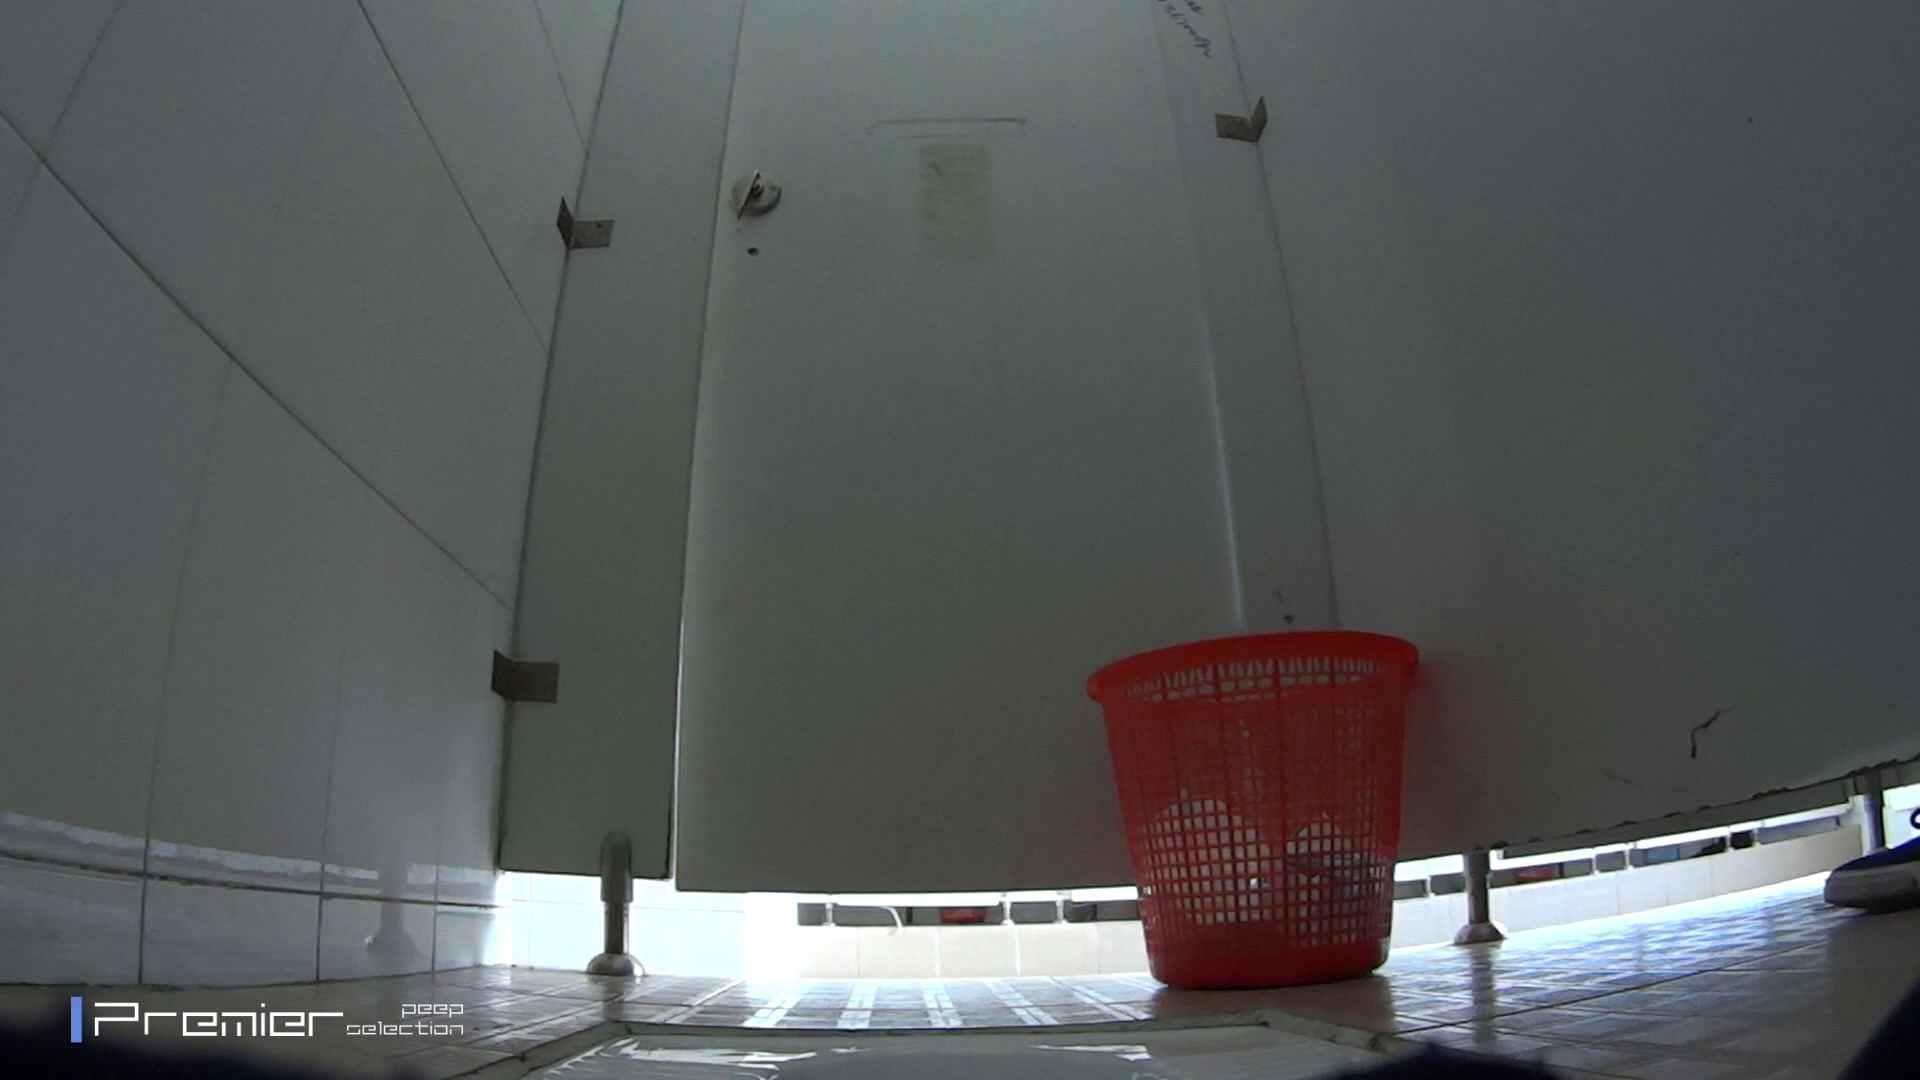 アジアンビューティー達の聖水 大学休憩時間の洗面所事情24 細身・スレンダー AV動画キャプチャ 109画像 55